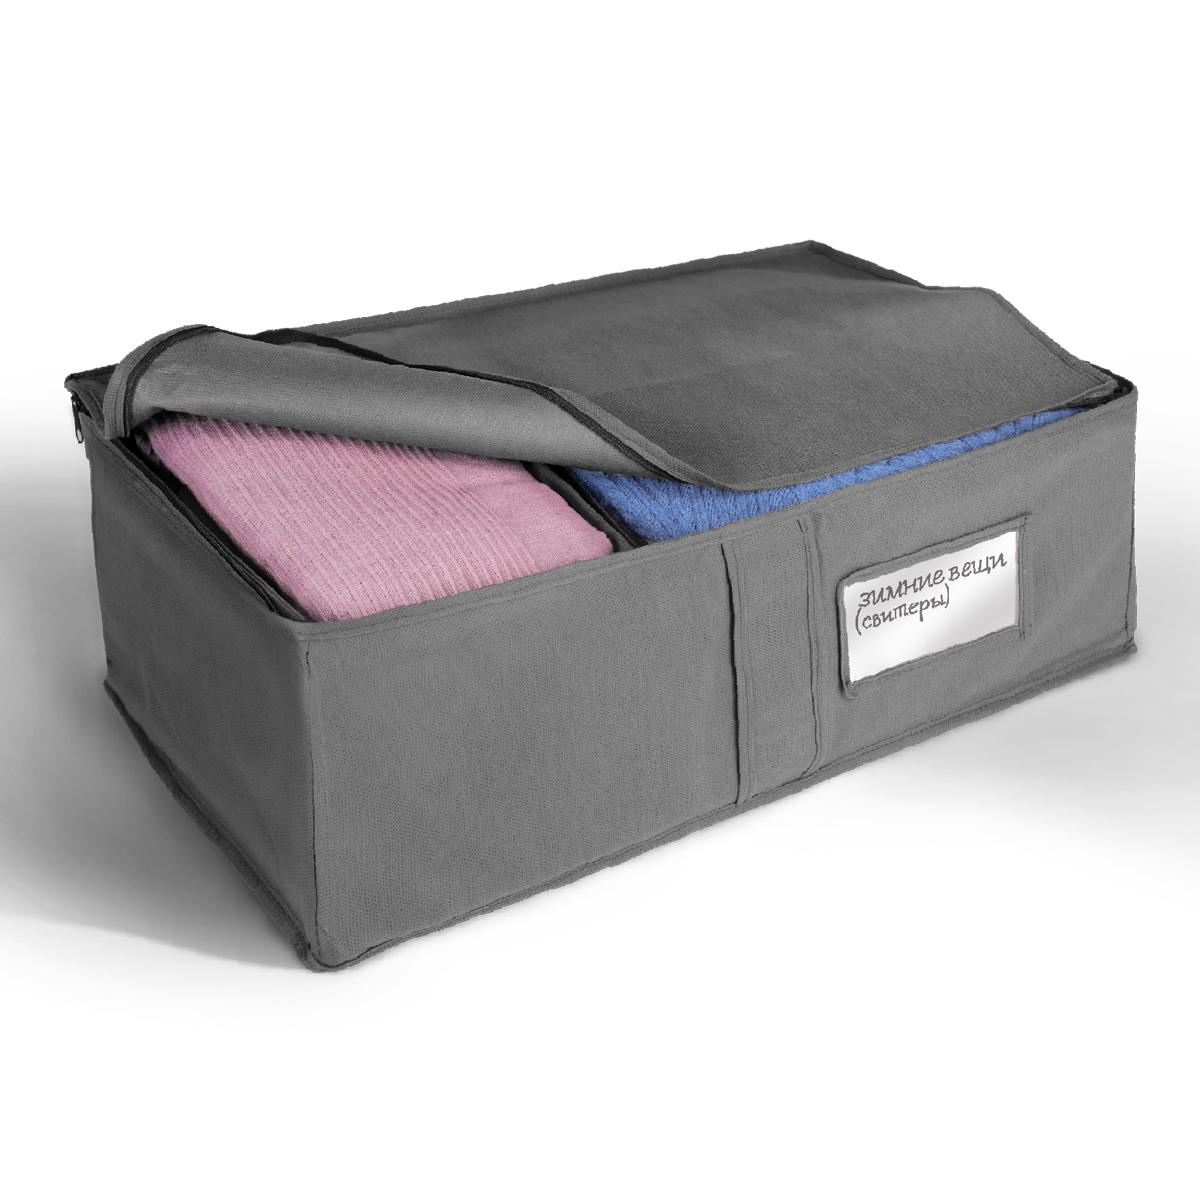 Кофр для хранения Miolla, складной, цвет: серый, 60 х 30 х 20 смCHL-7-5Компактный складной кофр Miolla изготовлен из высококачественногонетканого материала, которыйобеспечивает естественную вентиляцию, позволяя воздуху проникать внутрь,но не пропускает пыль. Изделие закрывается на молнию. Размер кофра (в собранном виде): 60 x 30 x 20 см.